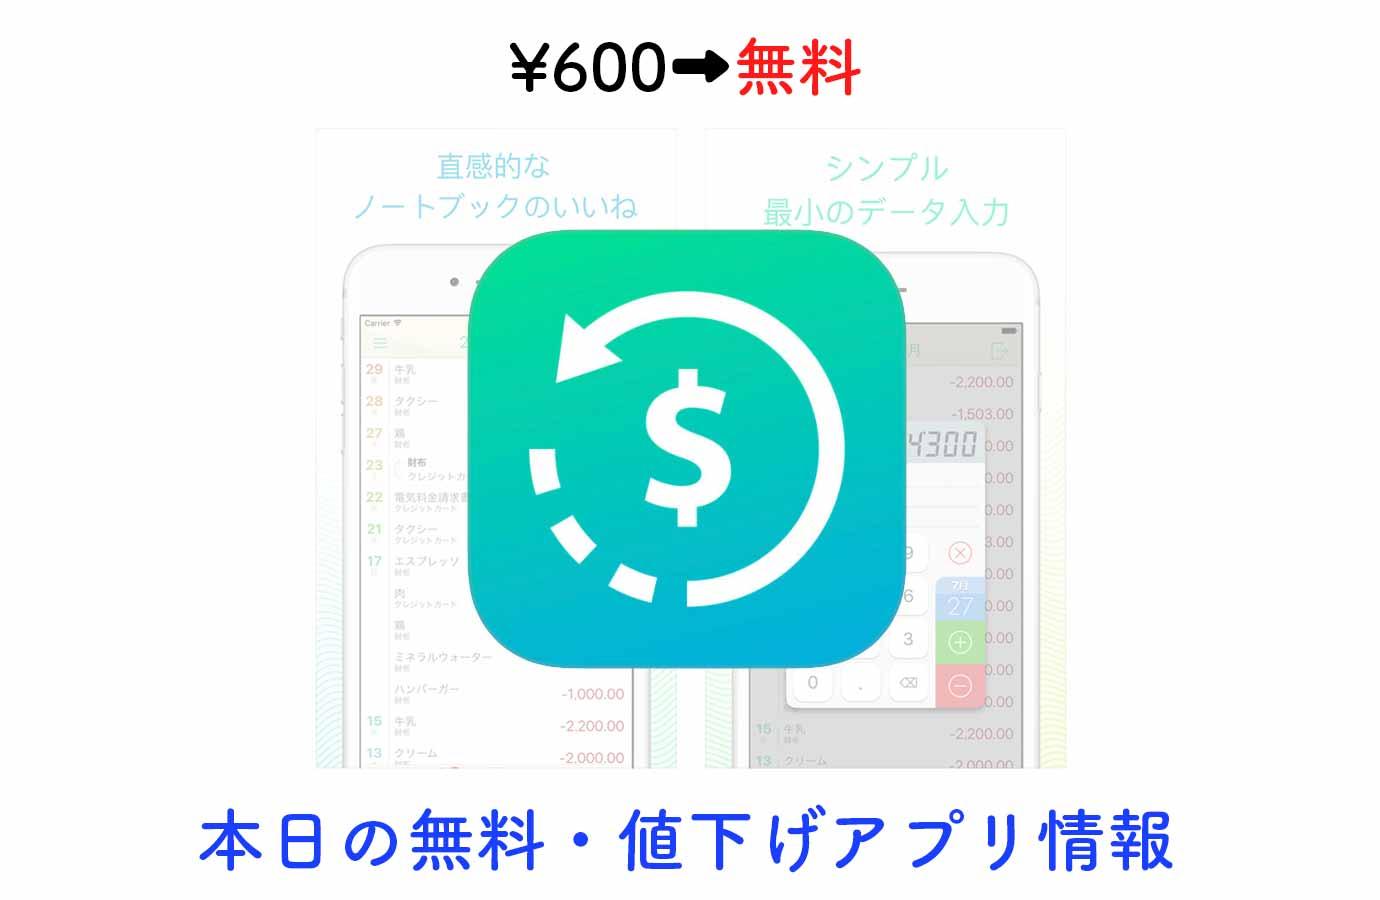 600円→無料、シンプルで使いやすい家計簿アプリ「Frugi」など【8/26】本日の無料・値下げアプリ情報